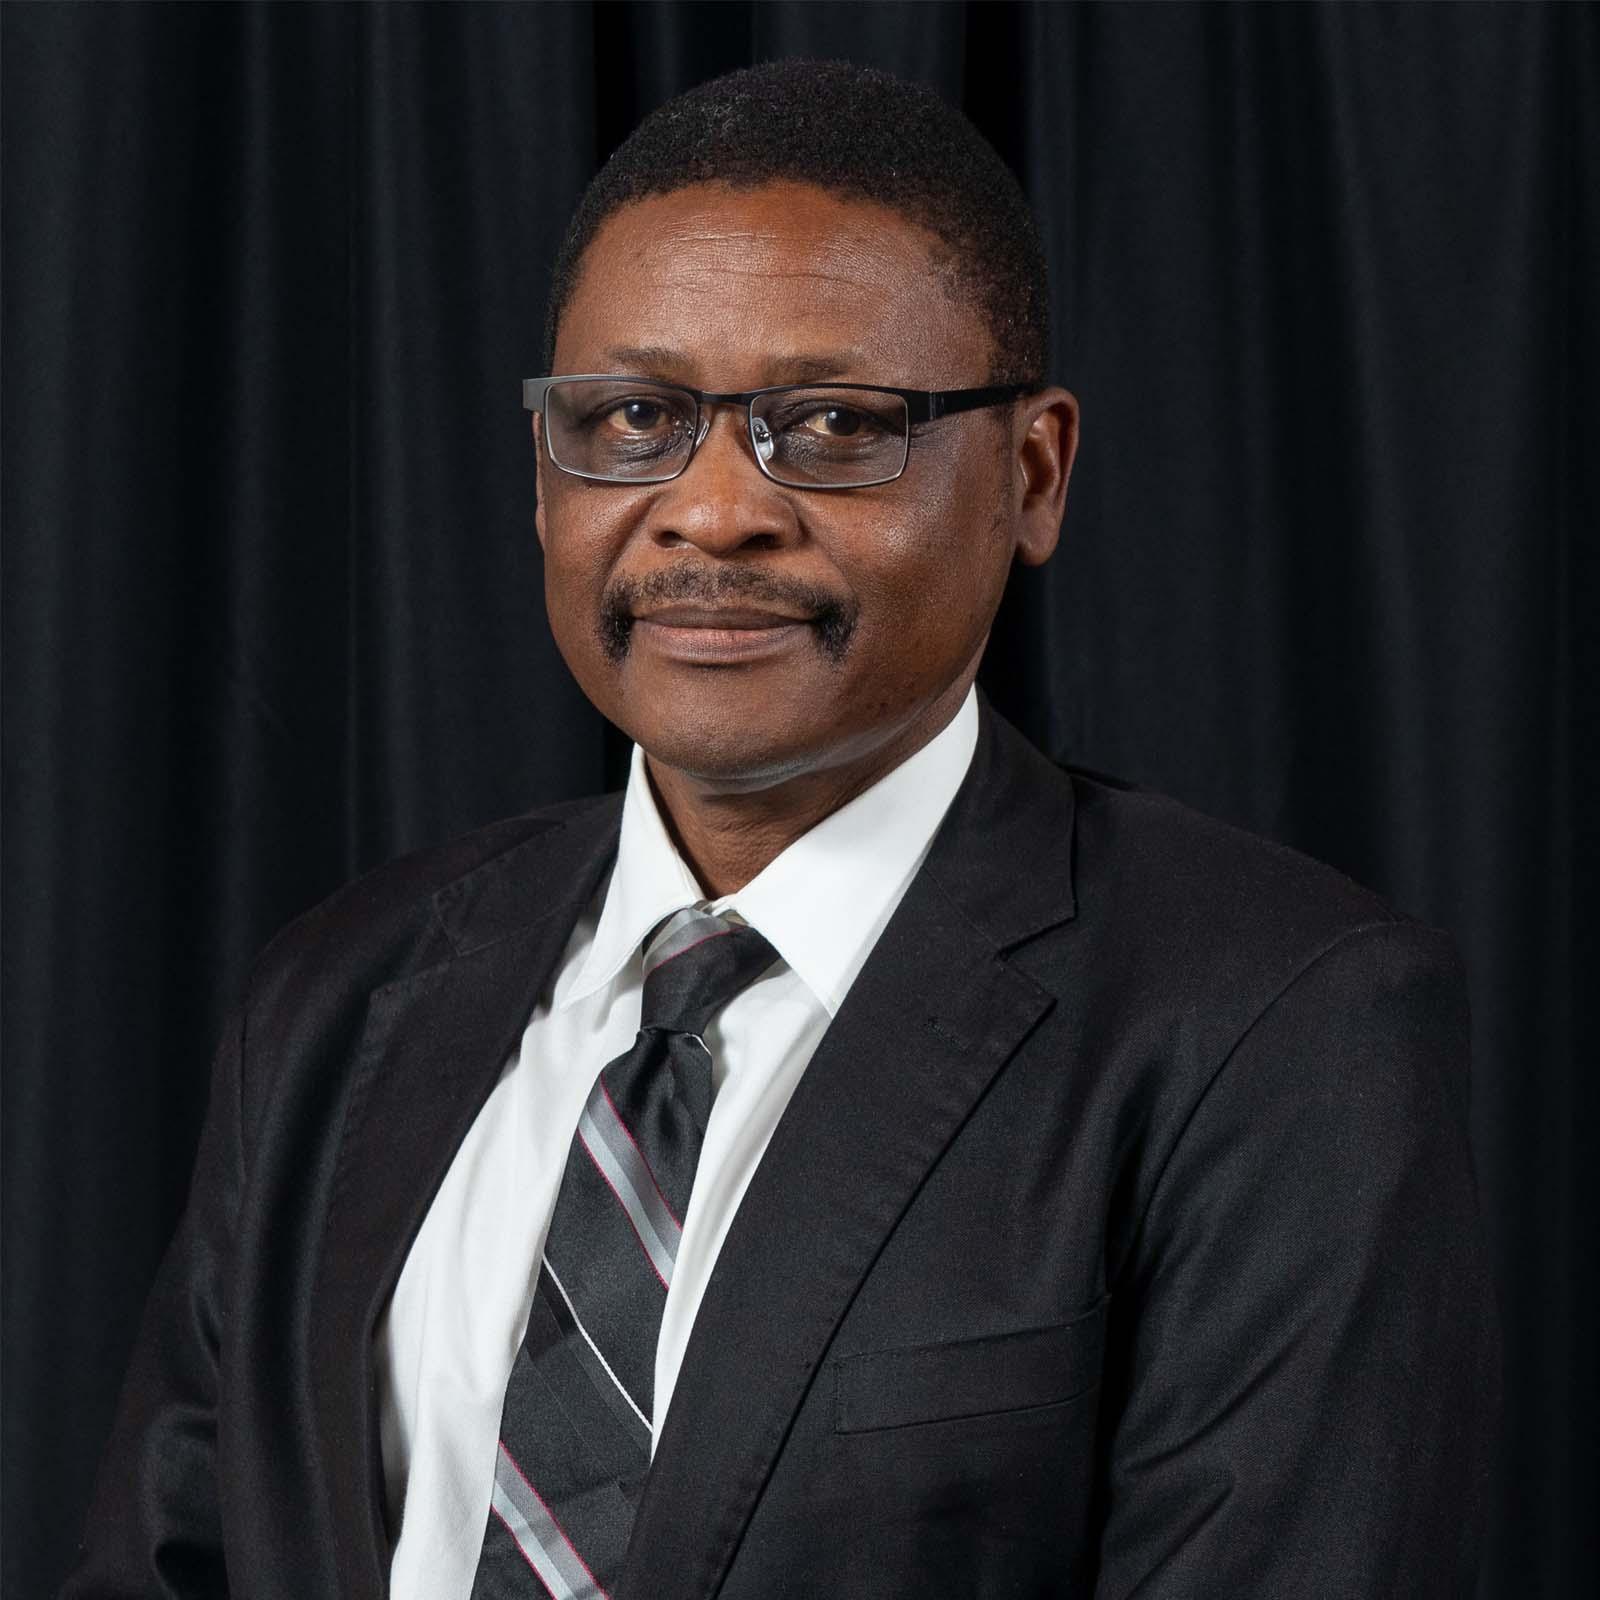 Joshua Nyamhuka